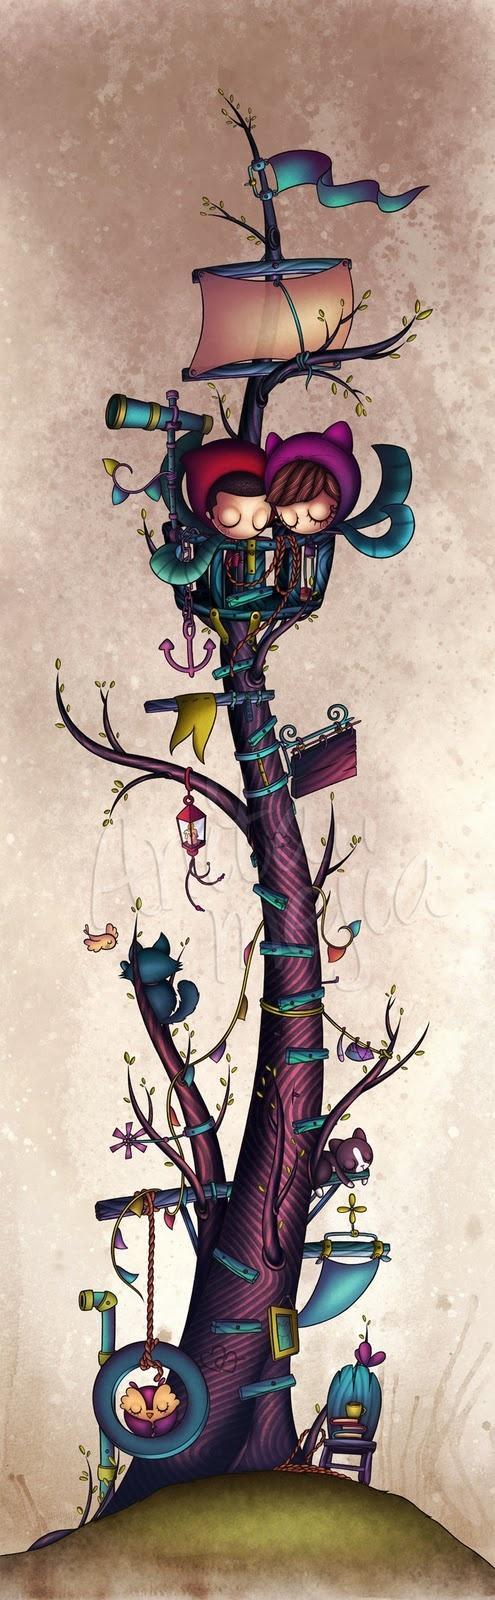 Anita Mejia - Un Arbol bonito dibujo y apenas descubri sus trabajos son muy padres, es un Orgullo q es Mexicana como yo.